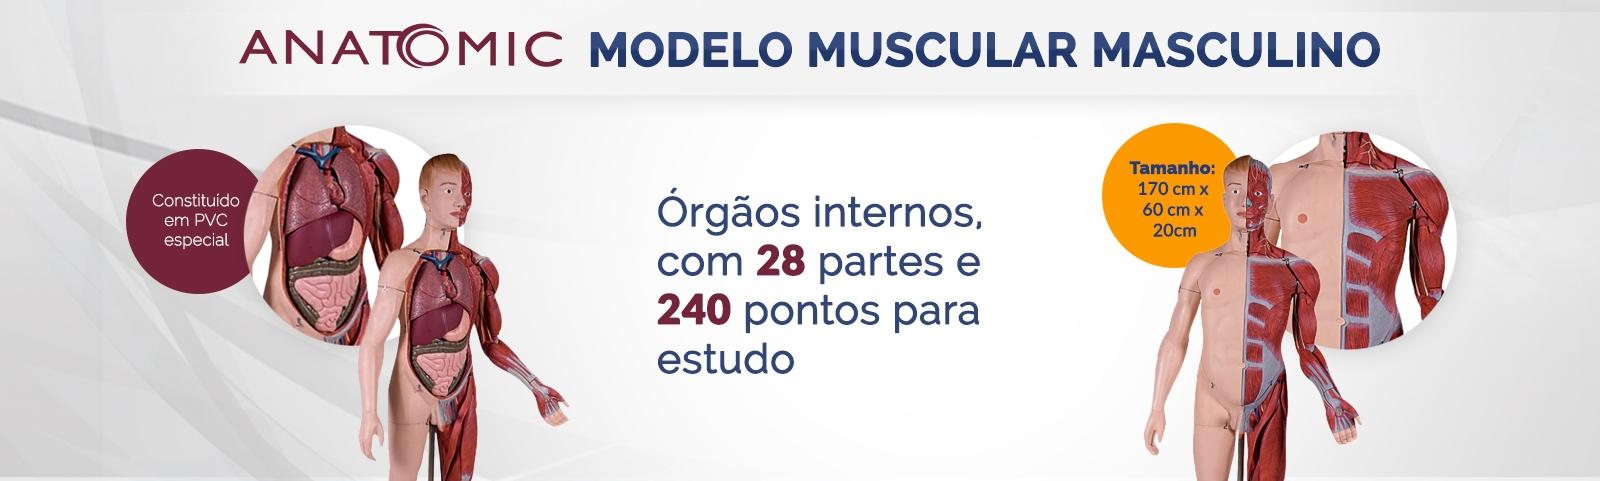 Manequim Muscular, Masculino, com 170 cm, em 28 Partes e Órgãos Internos